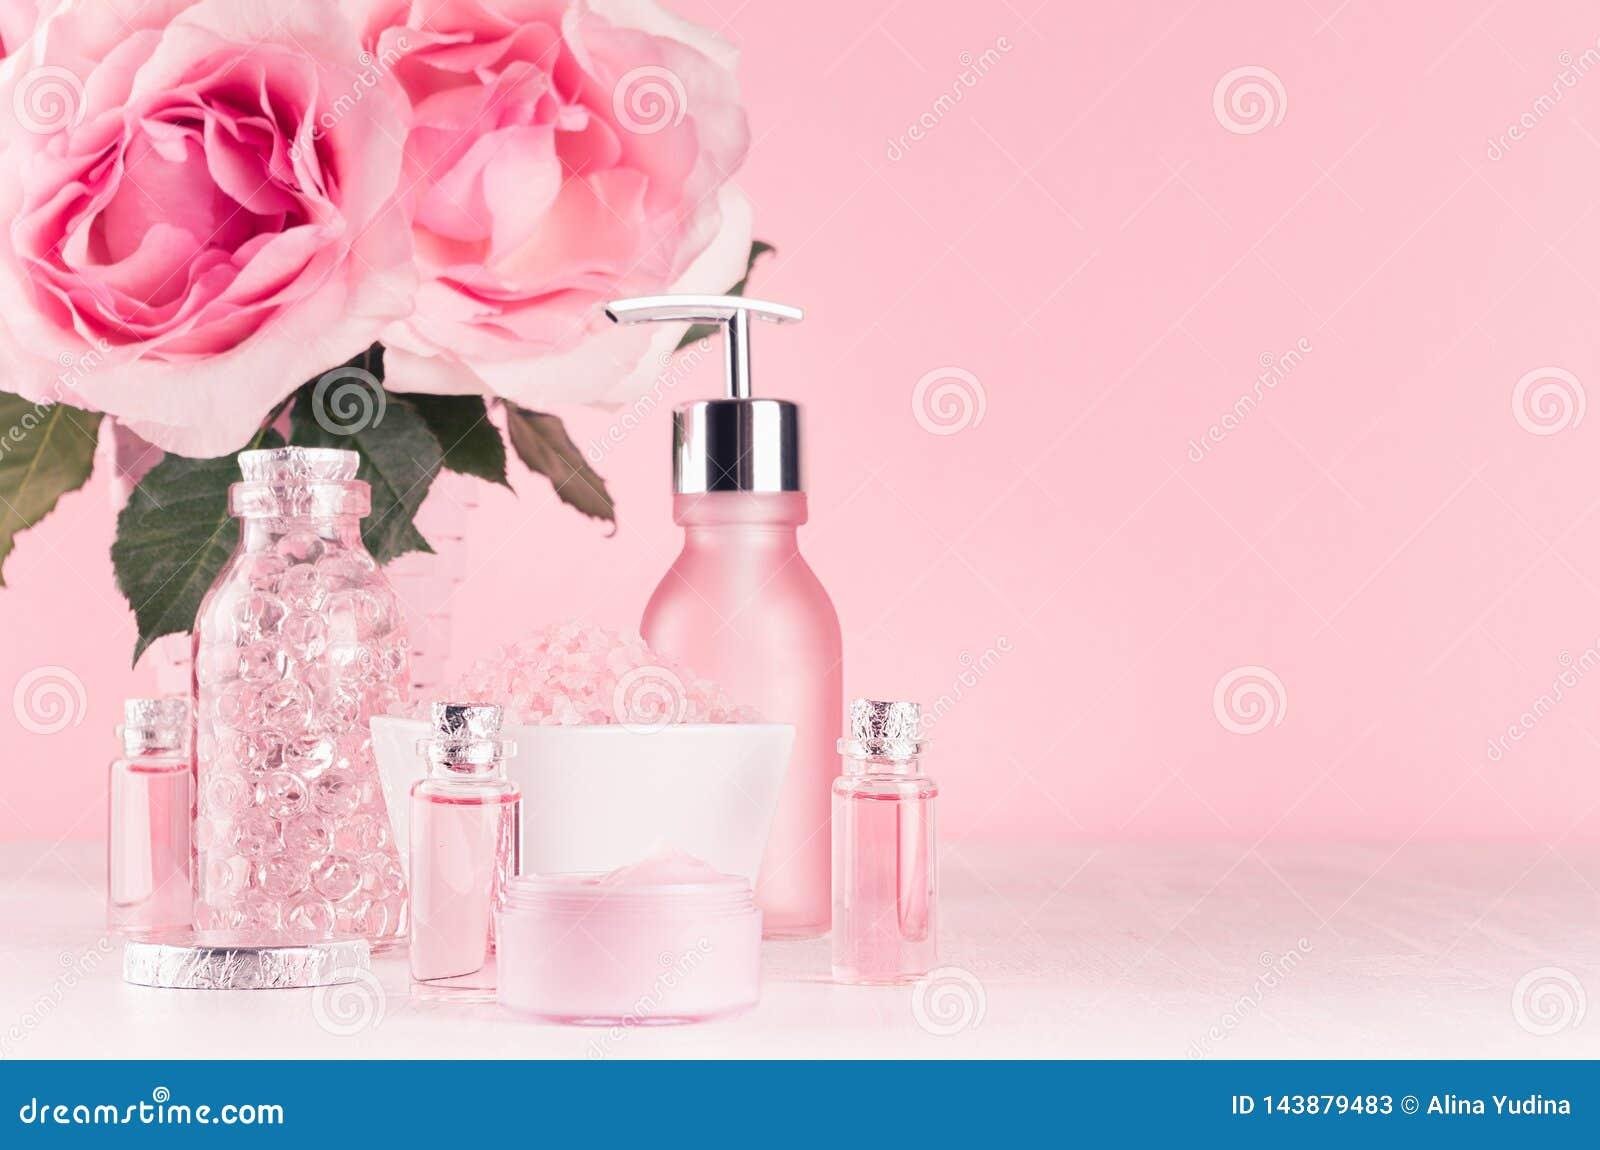 与花,化妆用品产品的柔和的少女梳妆台-玫瑰油,腌制槽用食盐,奶油,香水,棉花毛巾,瓶,碗